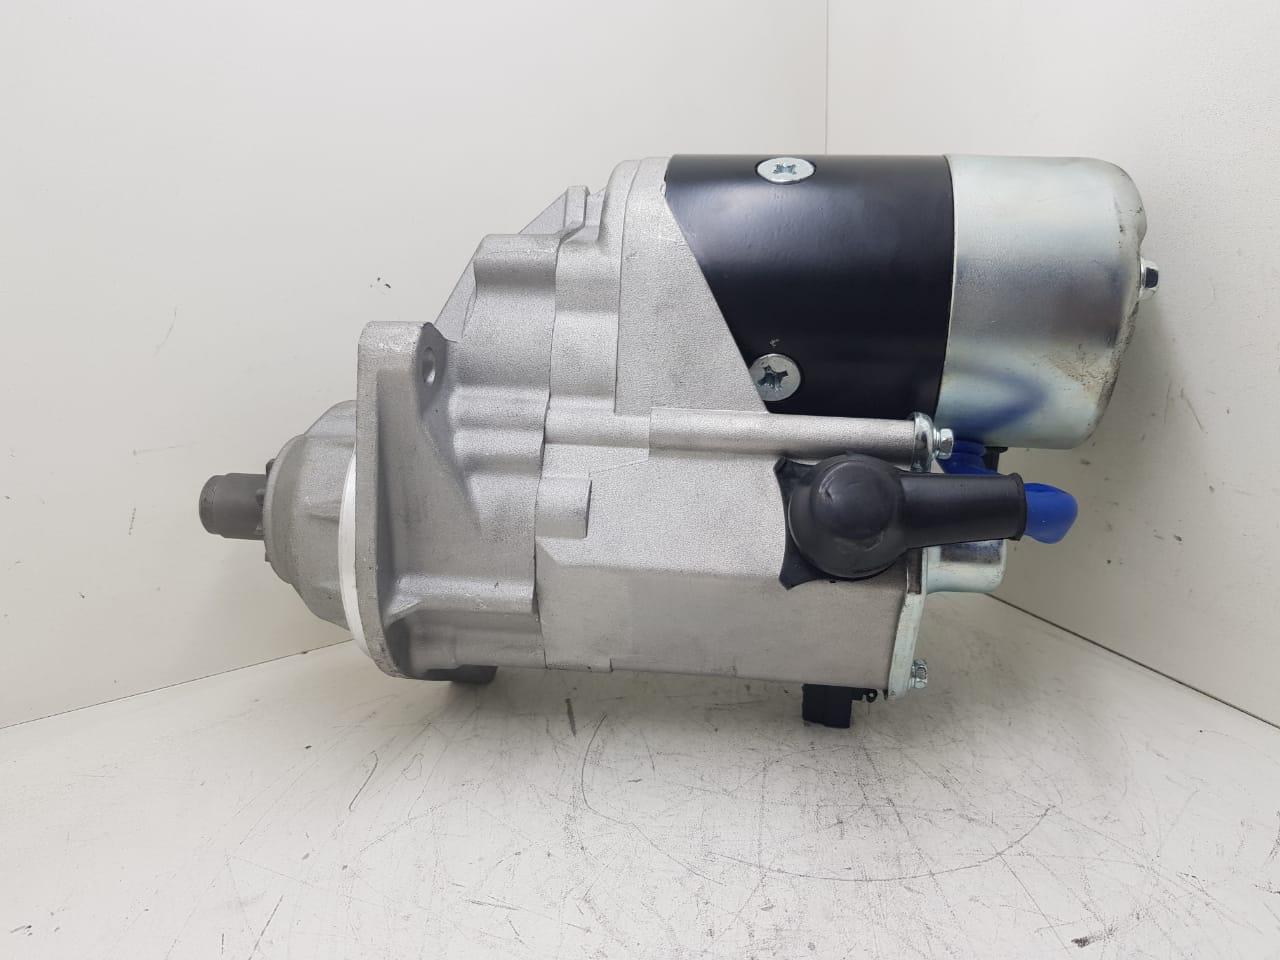 Motor de arranque CUMMINS UNIPORT QSB 3.3 QSB 4.5 580M 12V 10 DENTES 4280002890 428000 2890 AEC17049